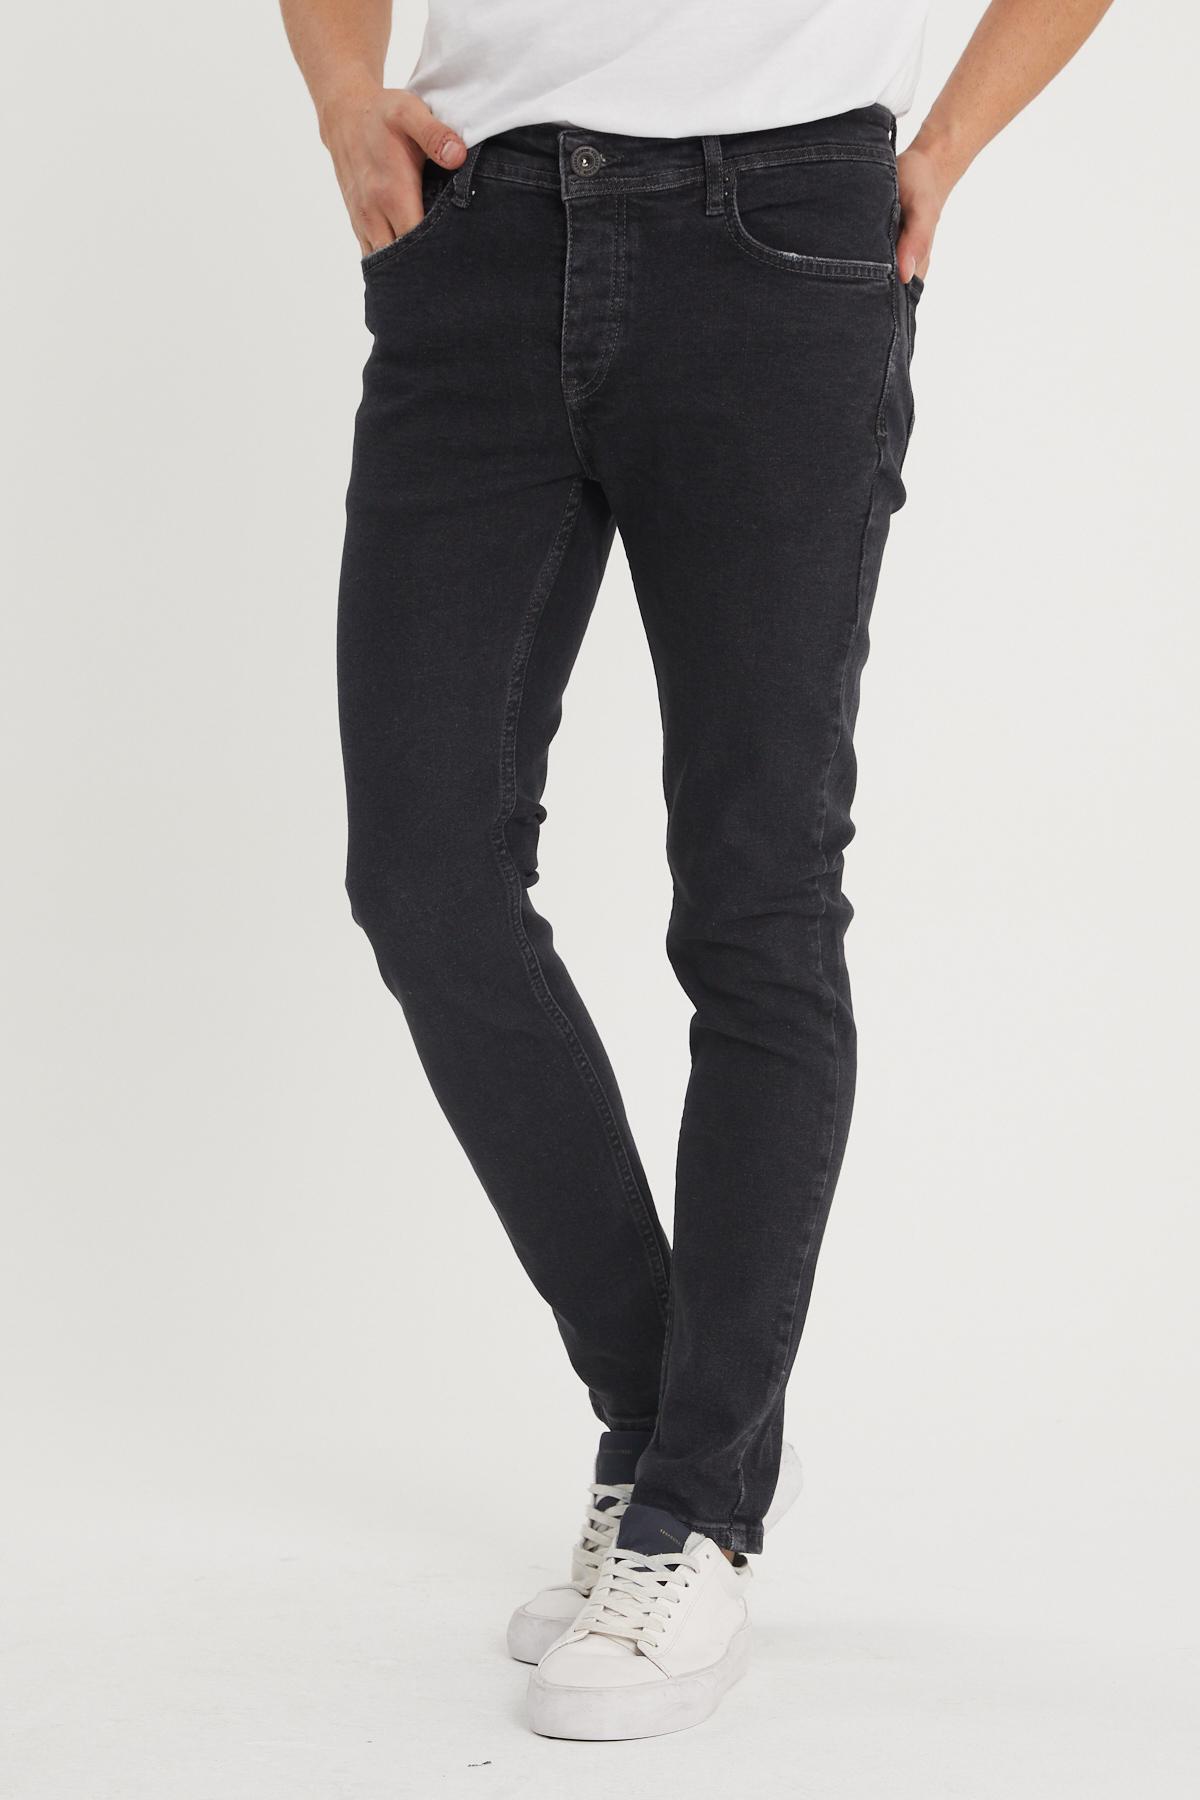 XHAN - Siyah Slim Fit Jean Pantolon 1KXE5-44354-02